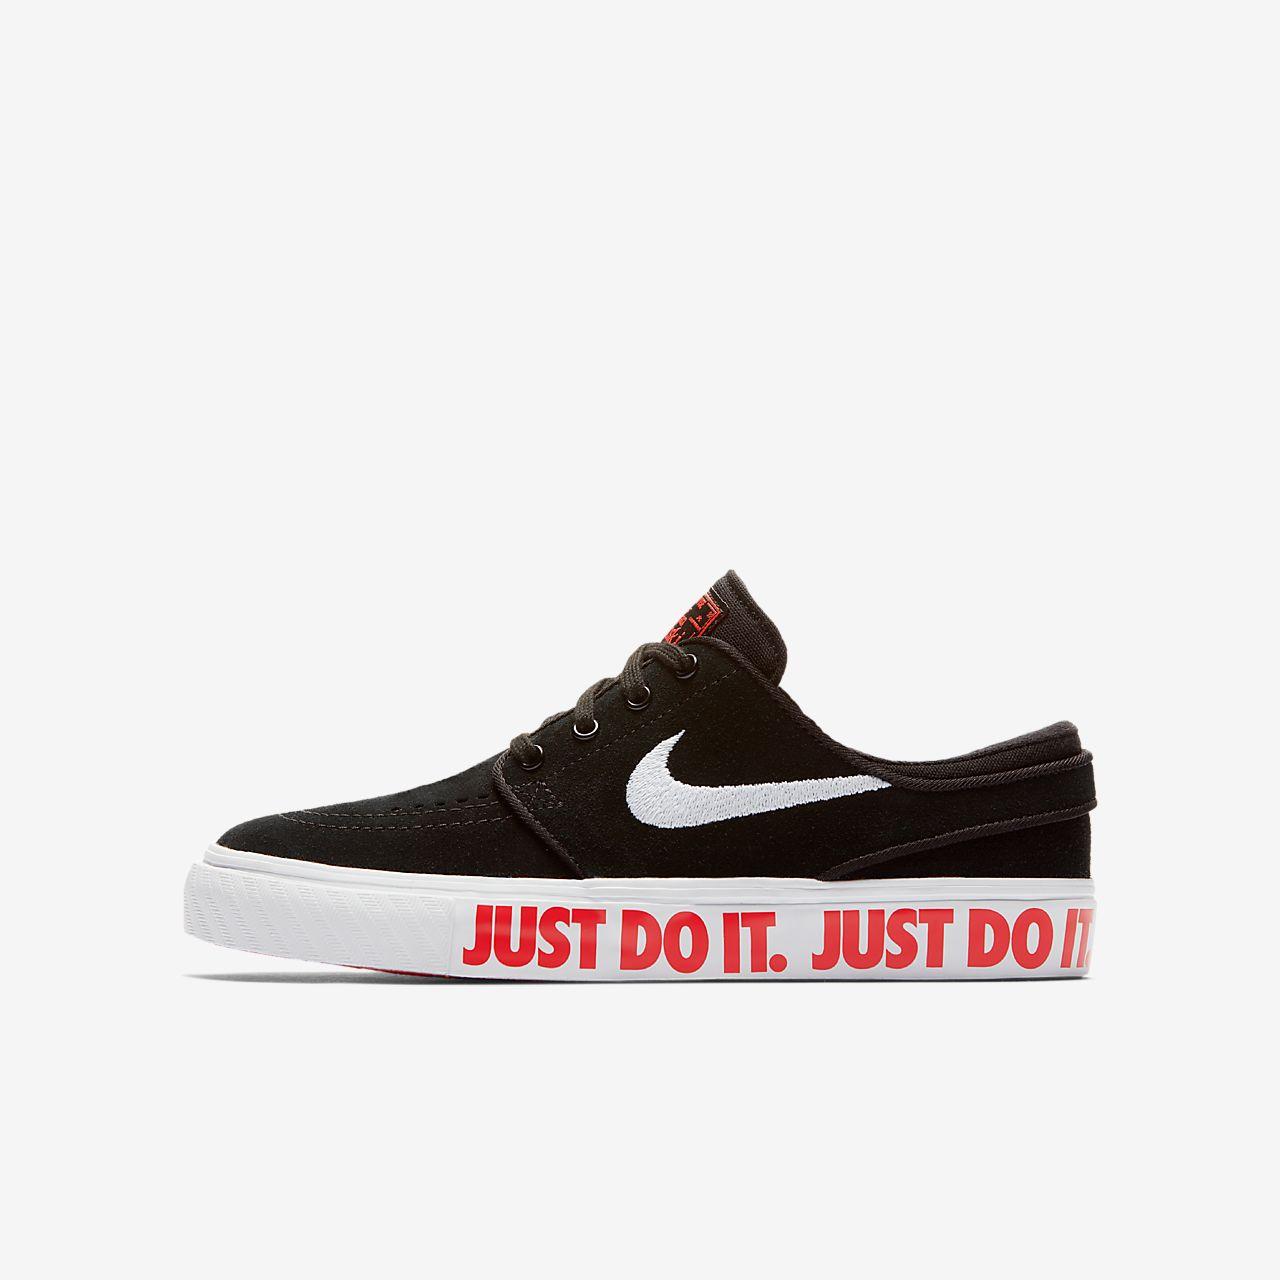 Buty do skateboardingu dla dużych dzieci Nike SB Stefan Janoski JDI